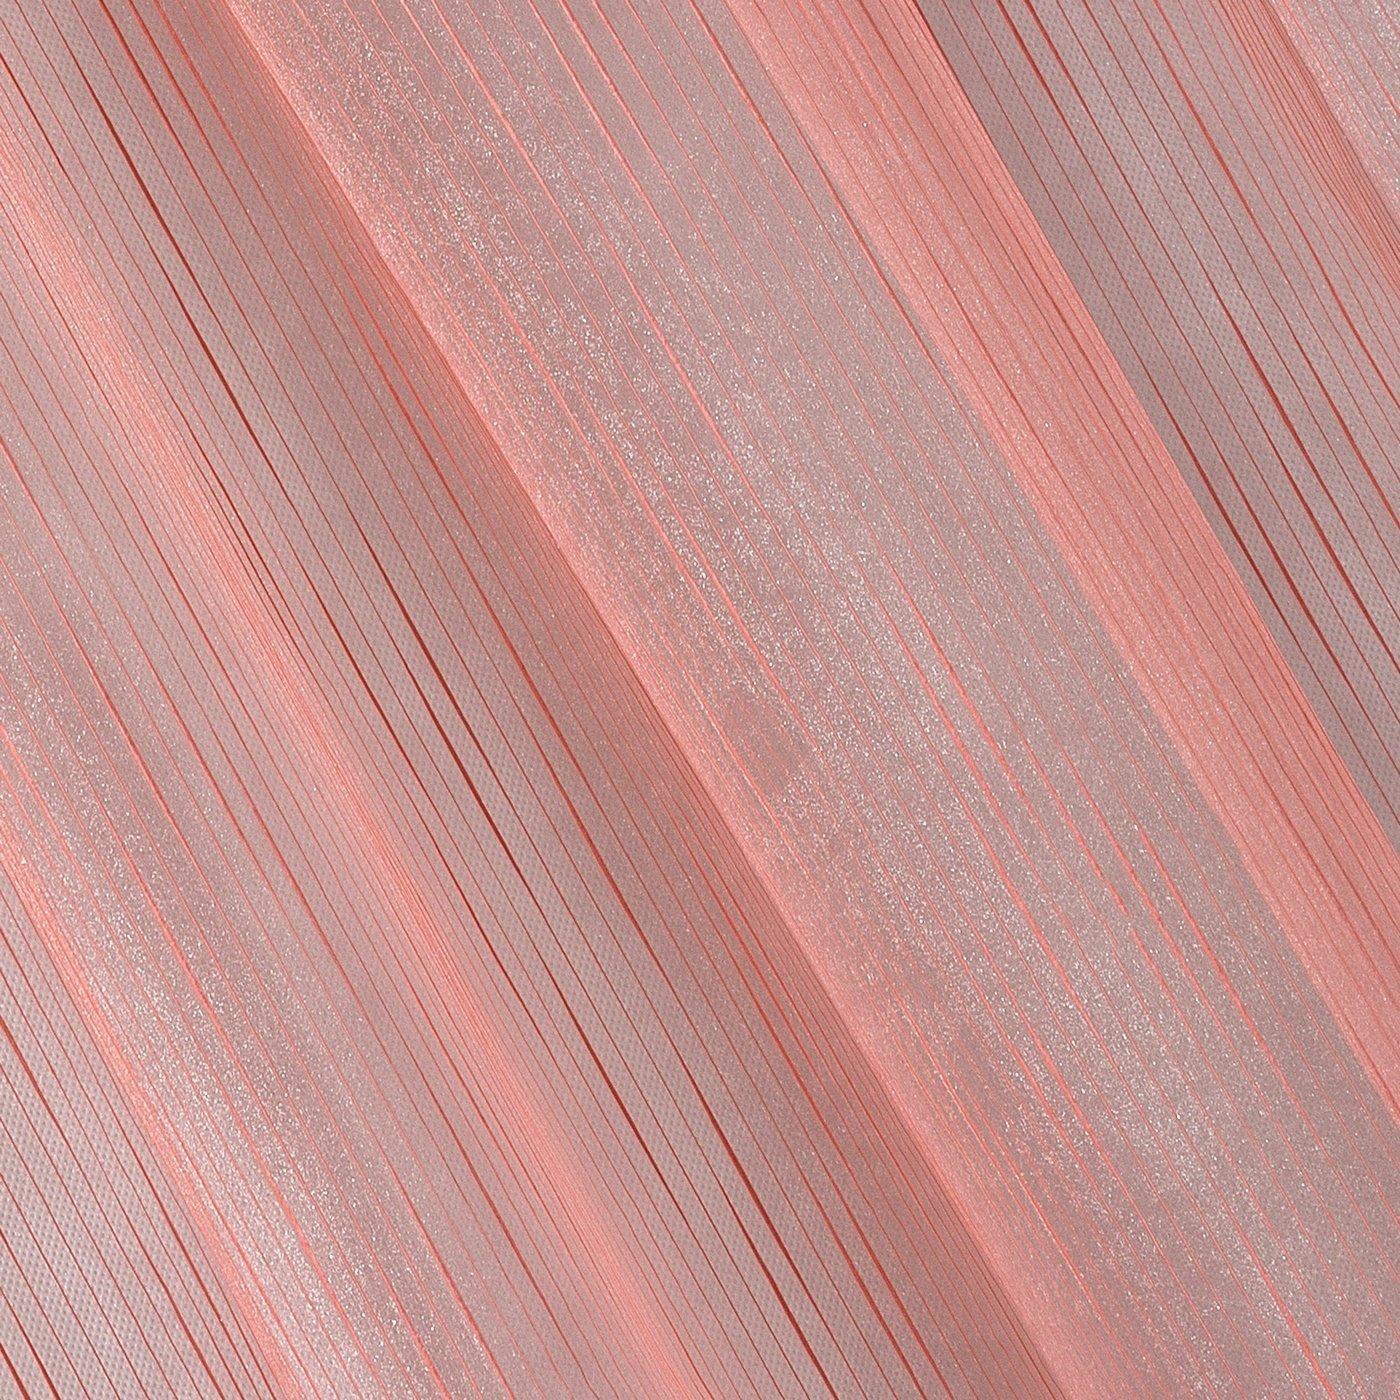 Subtelna zasłona do salonu gładka malinowa na taśmie 140x250cm